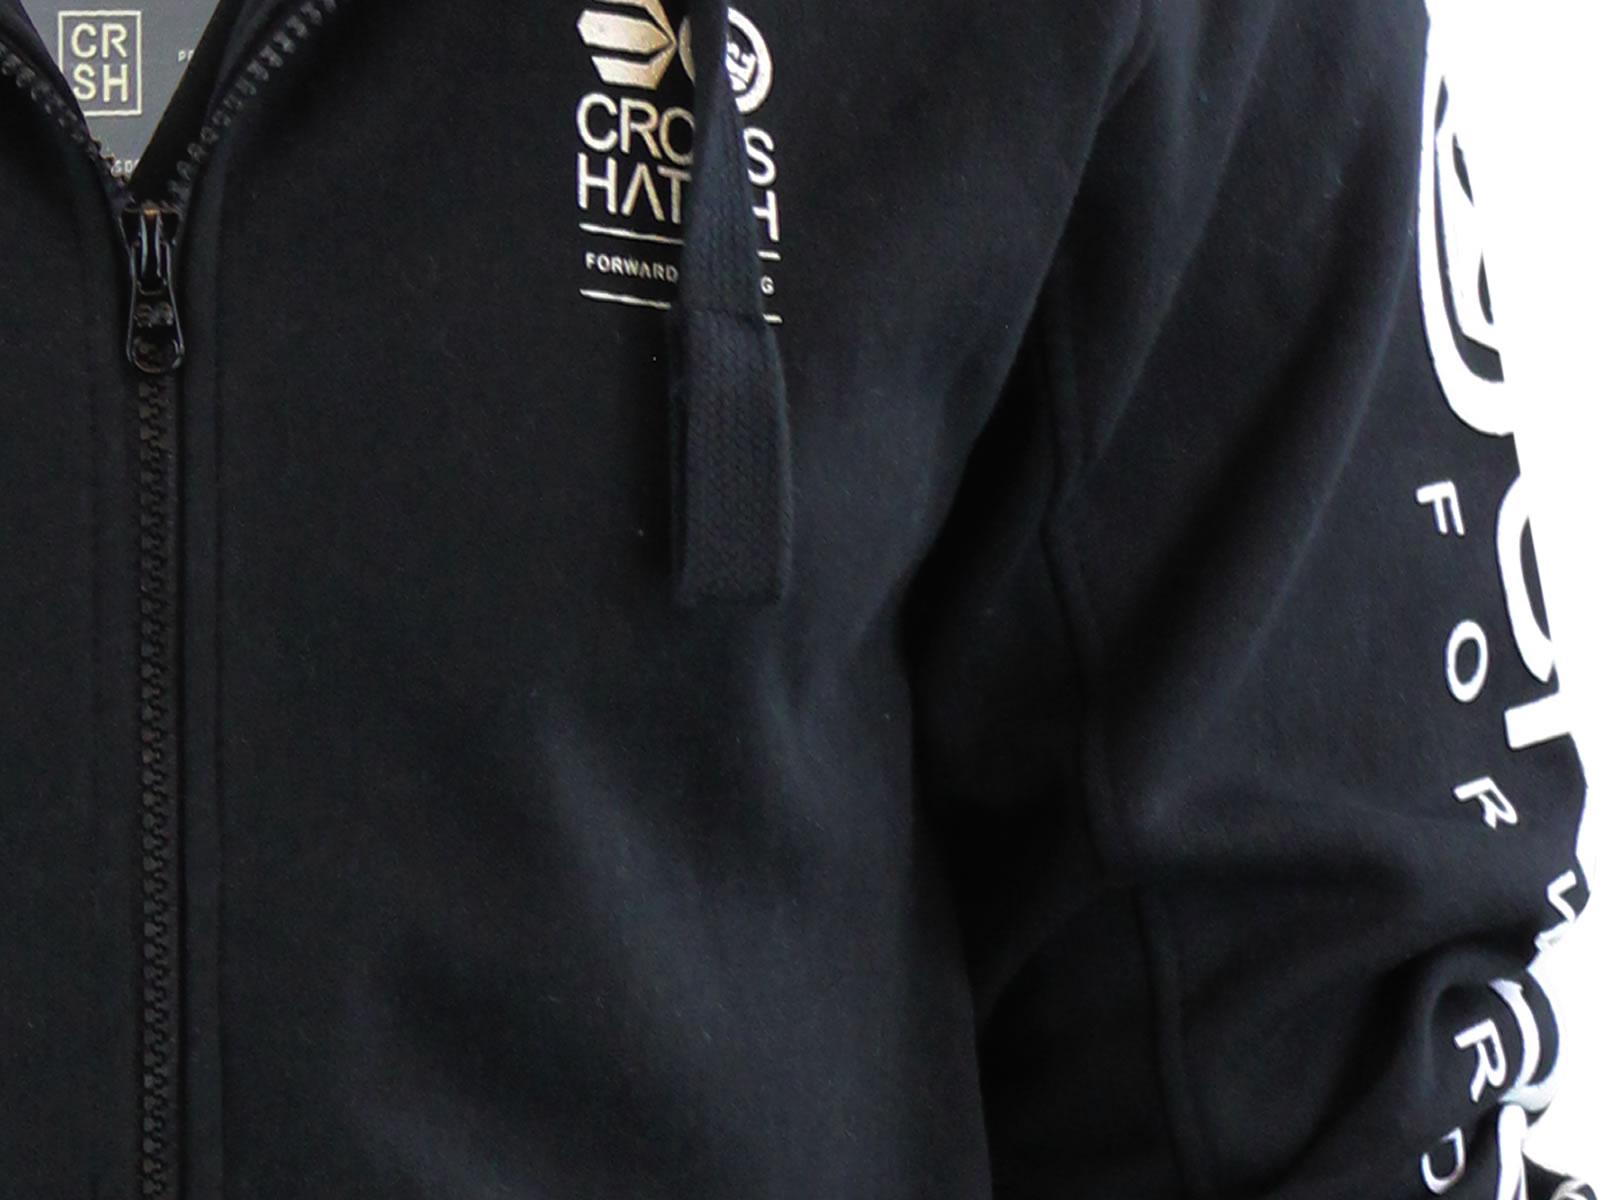 Mens-Hoodie-Crosshatch-Ribbler-Zip-Up-Hooded-Jacket-Pullover-Jumper-Sweatershirt thumbnail 8